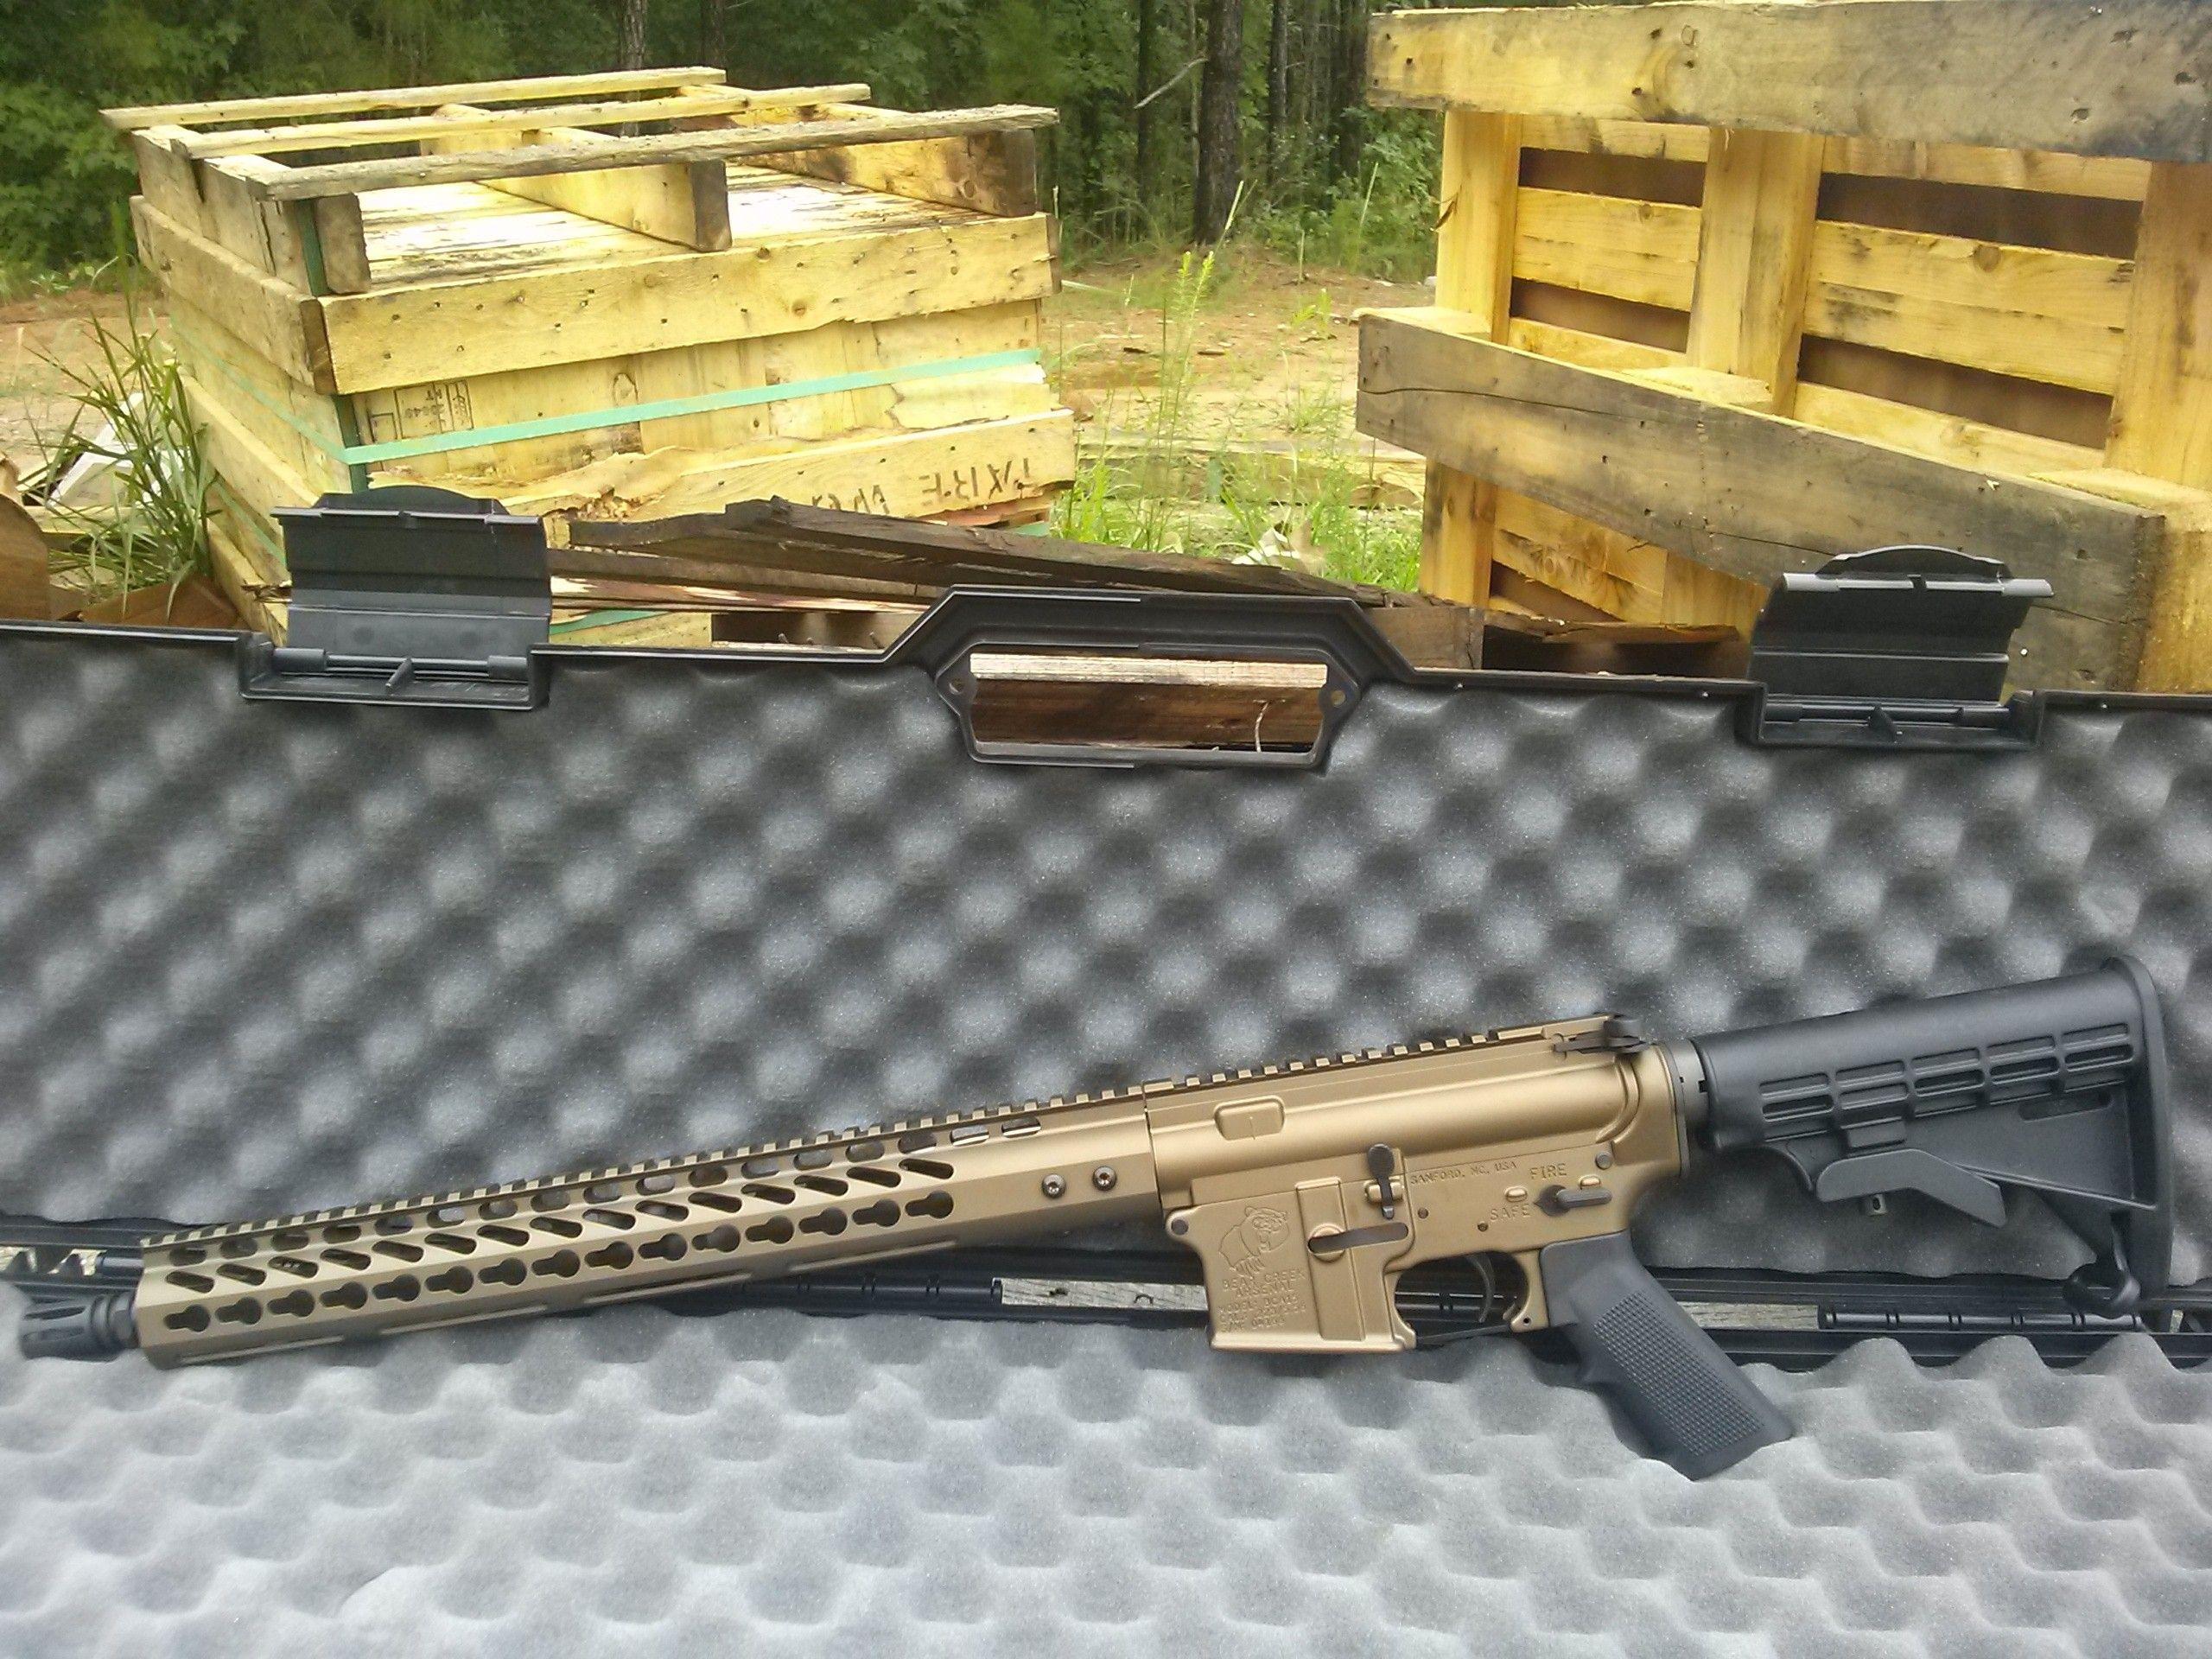 The BCA Ursid Hybrid II - The BCA Ursid Hybrid II rifle is